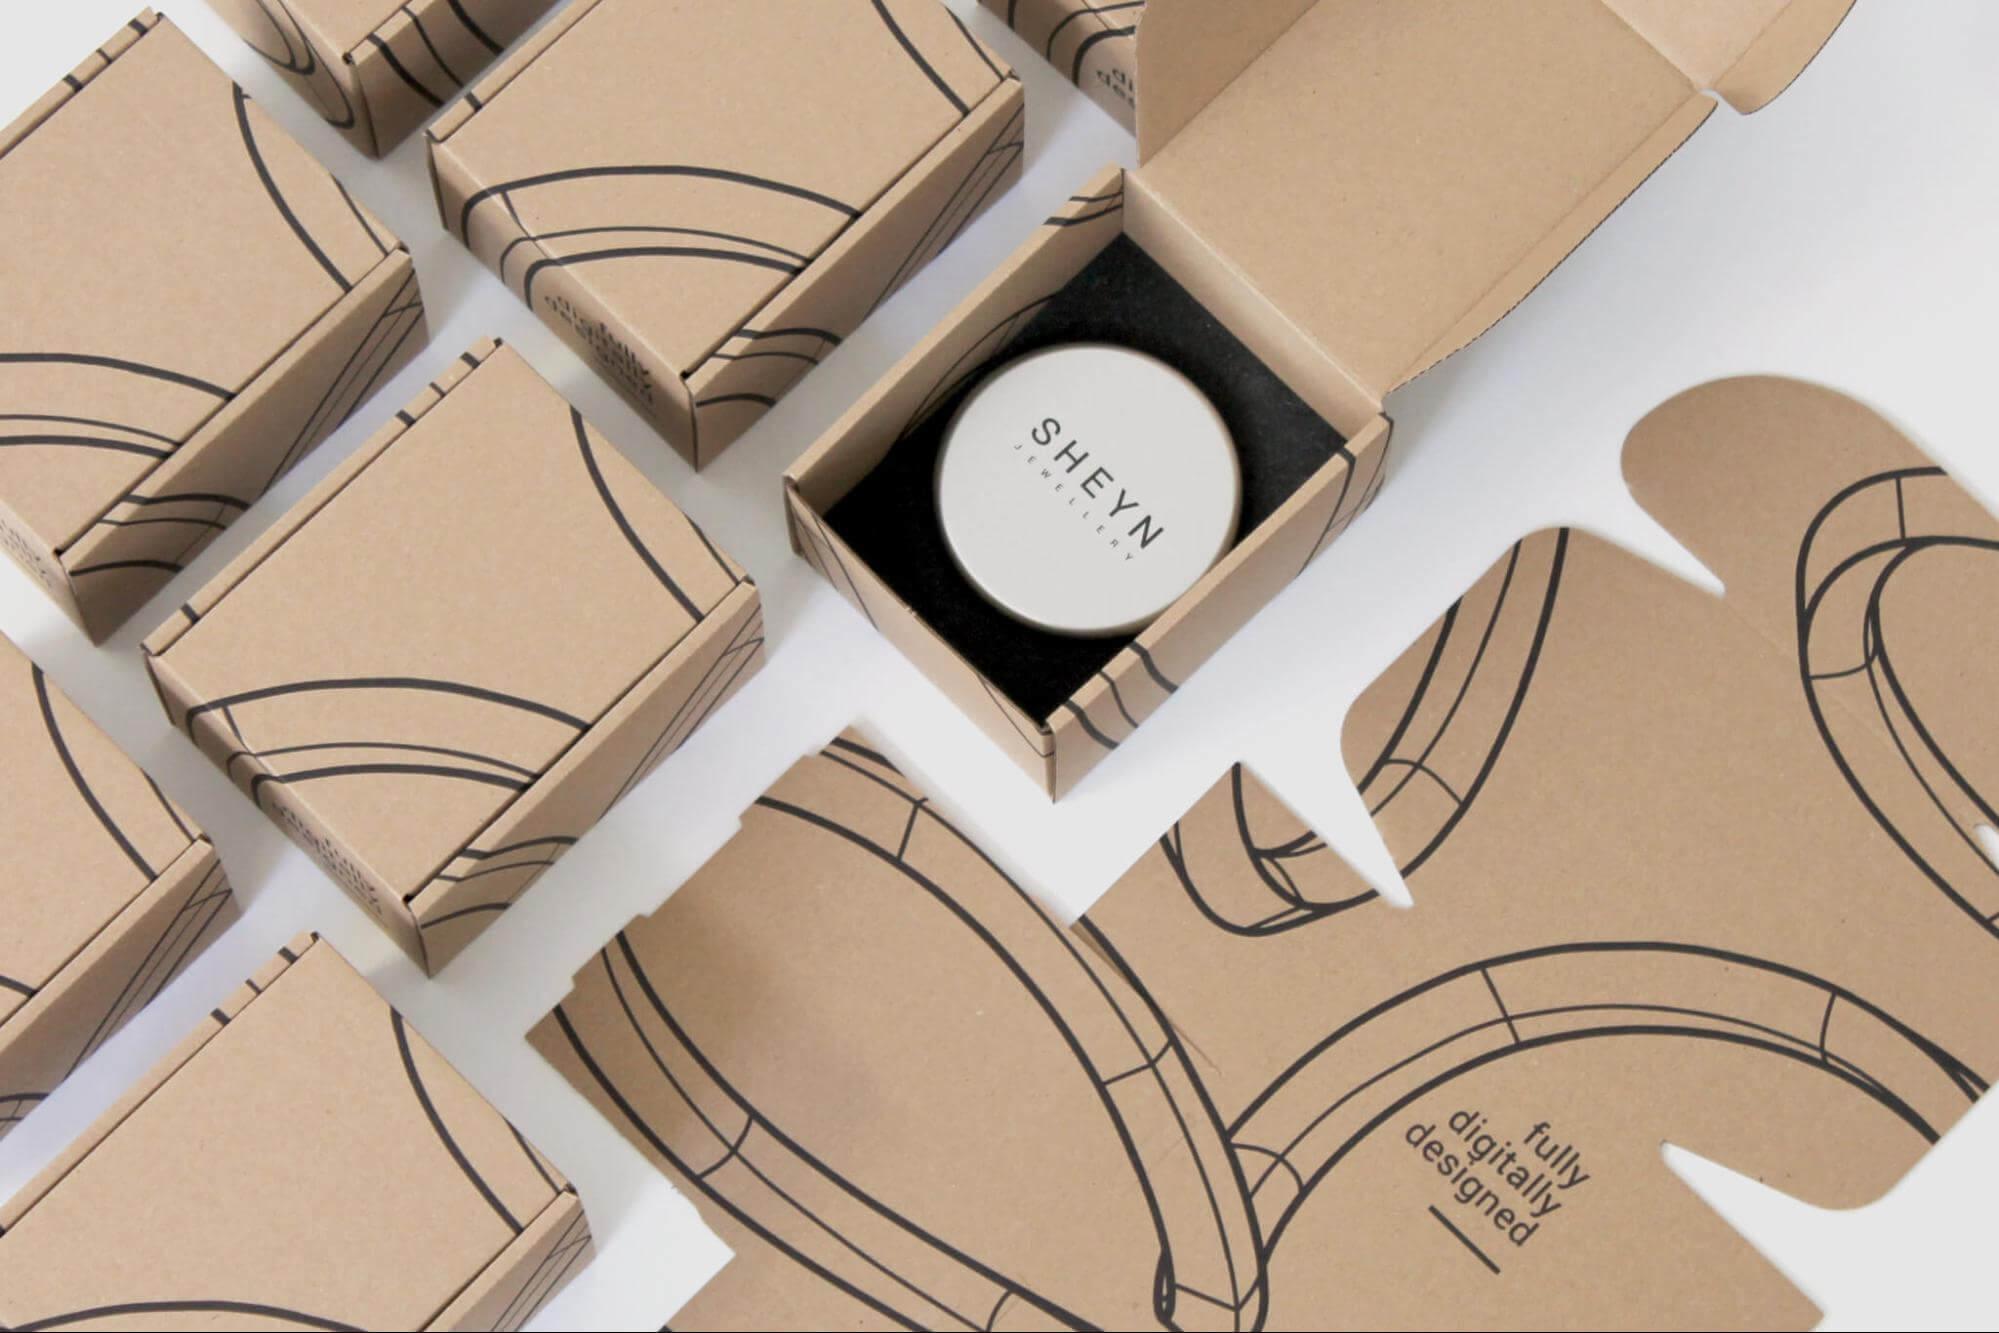 Nachhaltige Faltschachtel als Produktverpackung